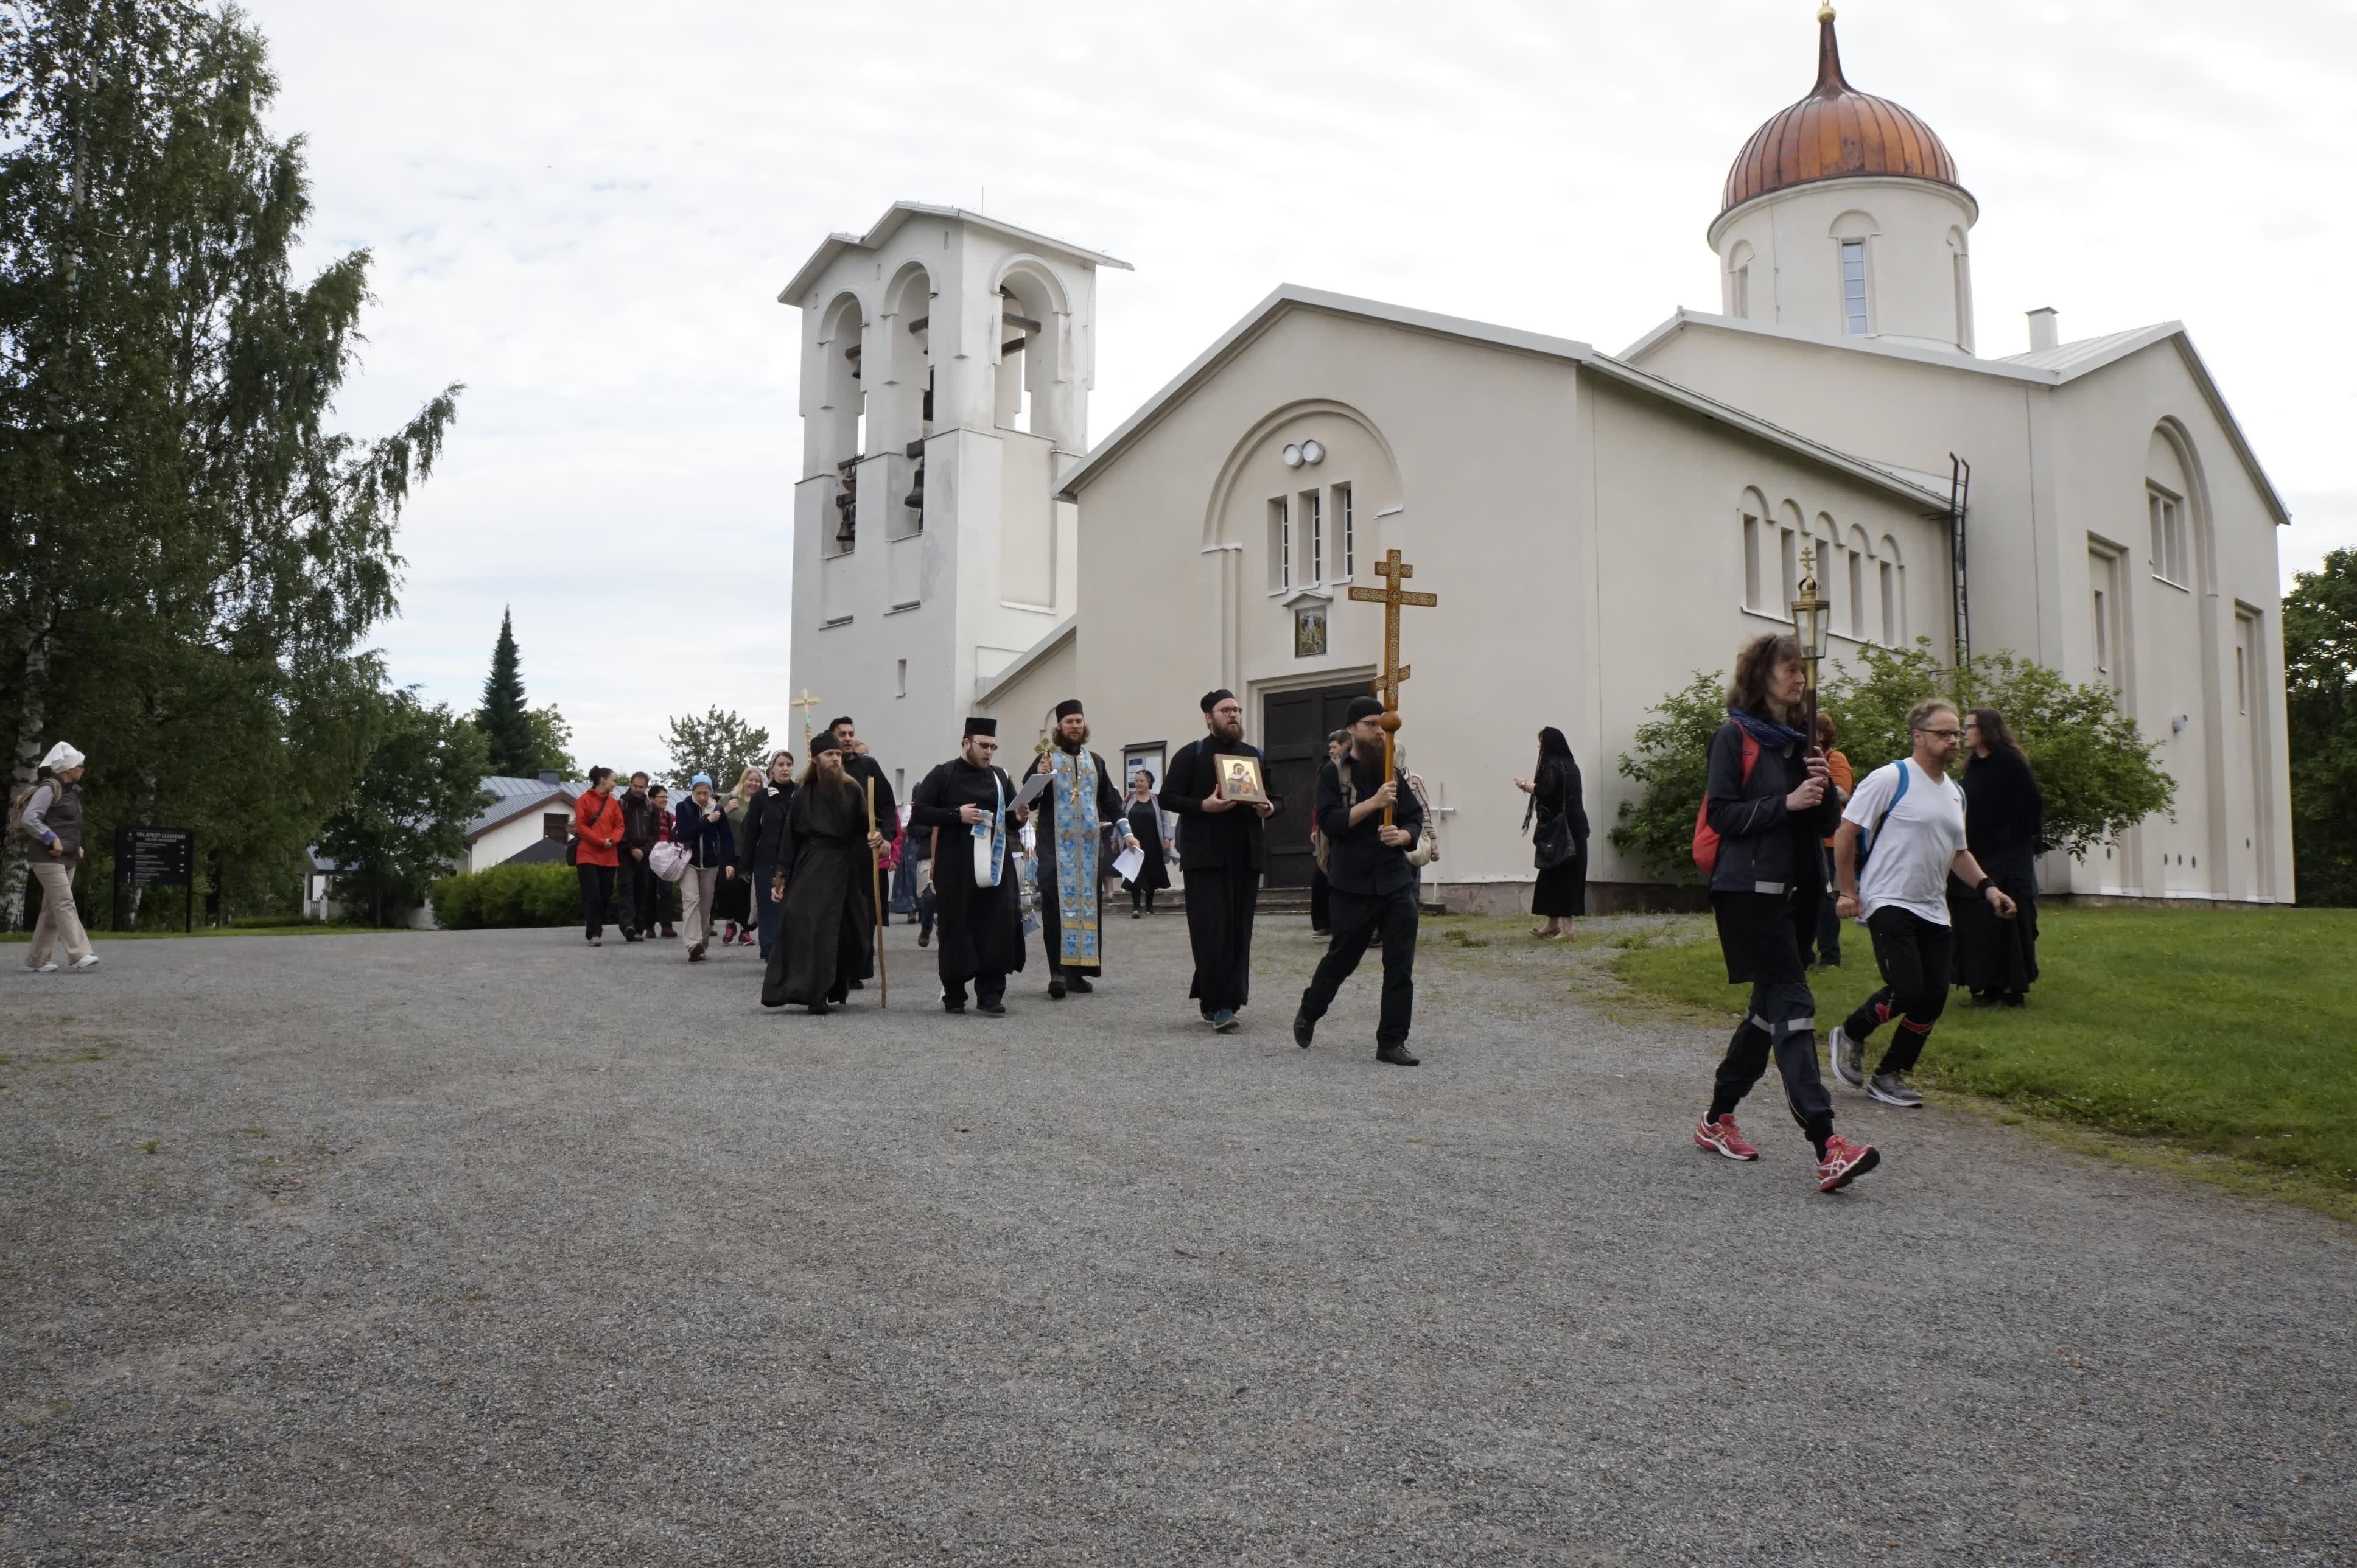 Valamon luostarin ristisaatto